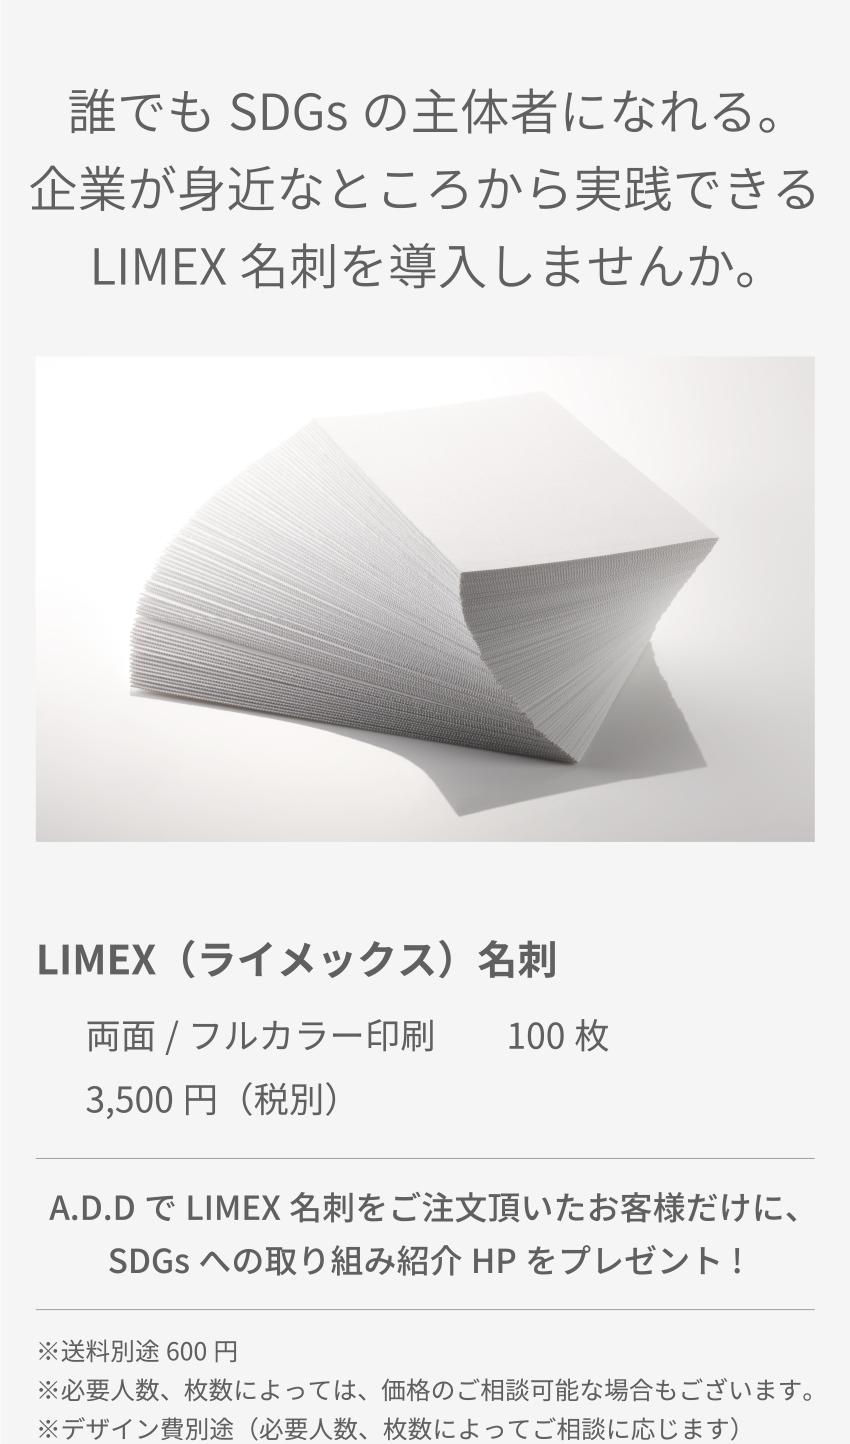 誰でもSDGsの主体者になれる。企業が身近なところから実践できるLIMEX名刺を導入しませんか。